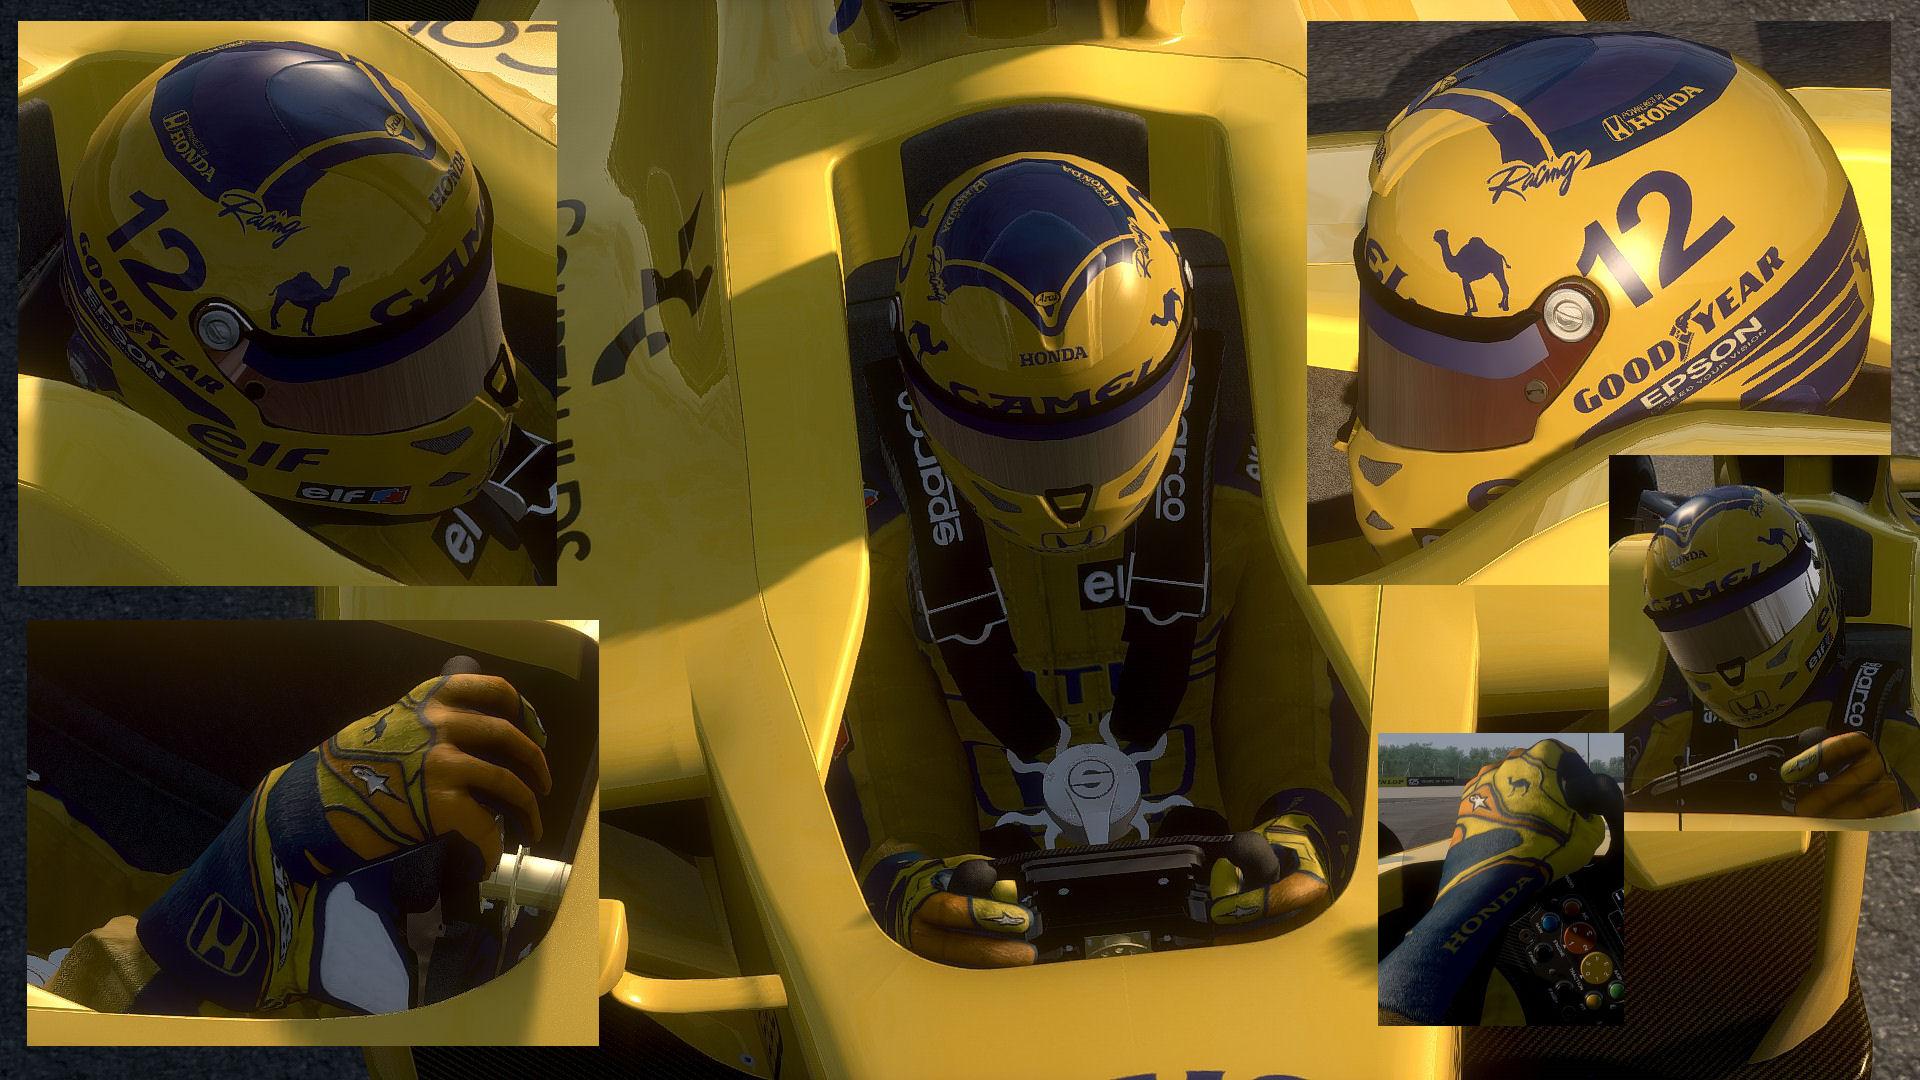 Camel F1 suit